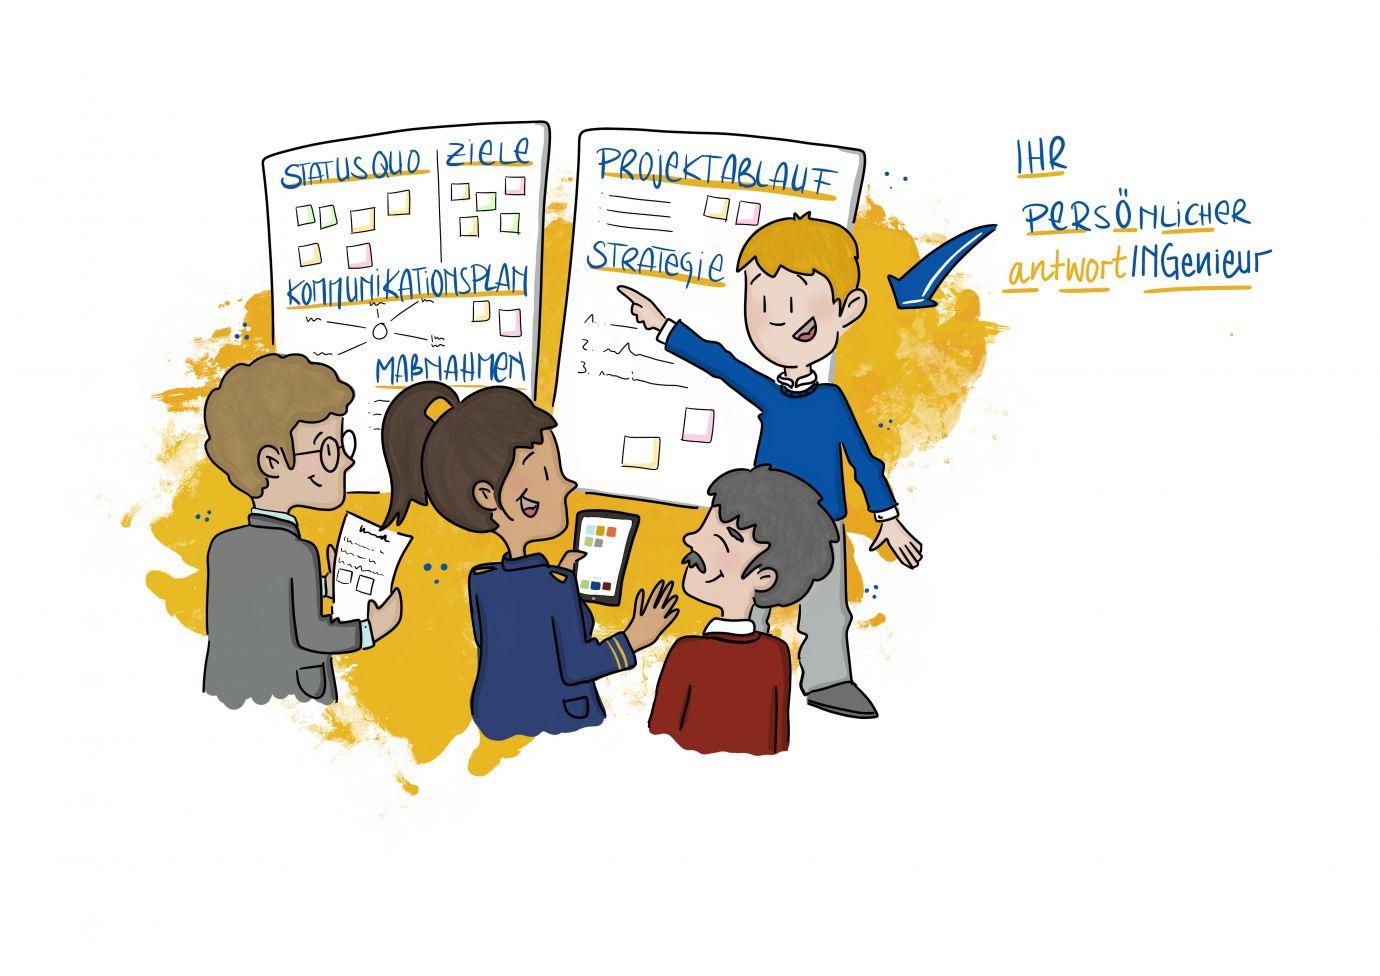 Projektablauf antwortING Schritt 1 Vorstellung Projektablauf